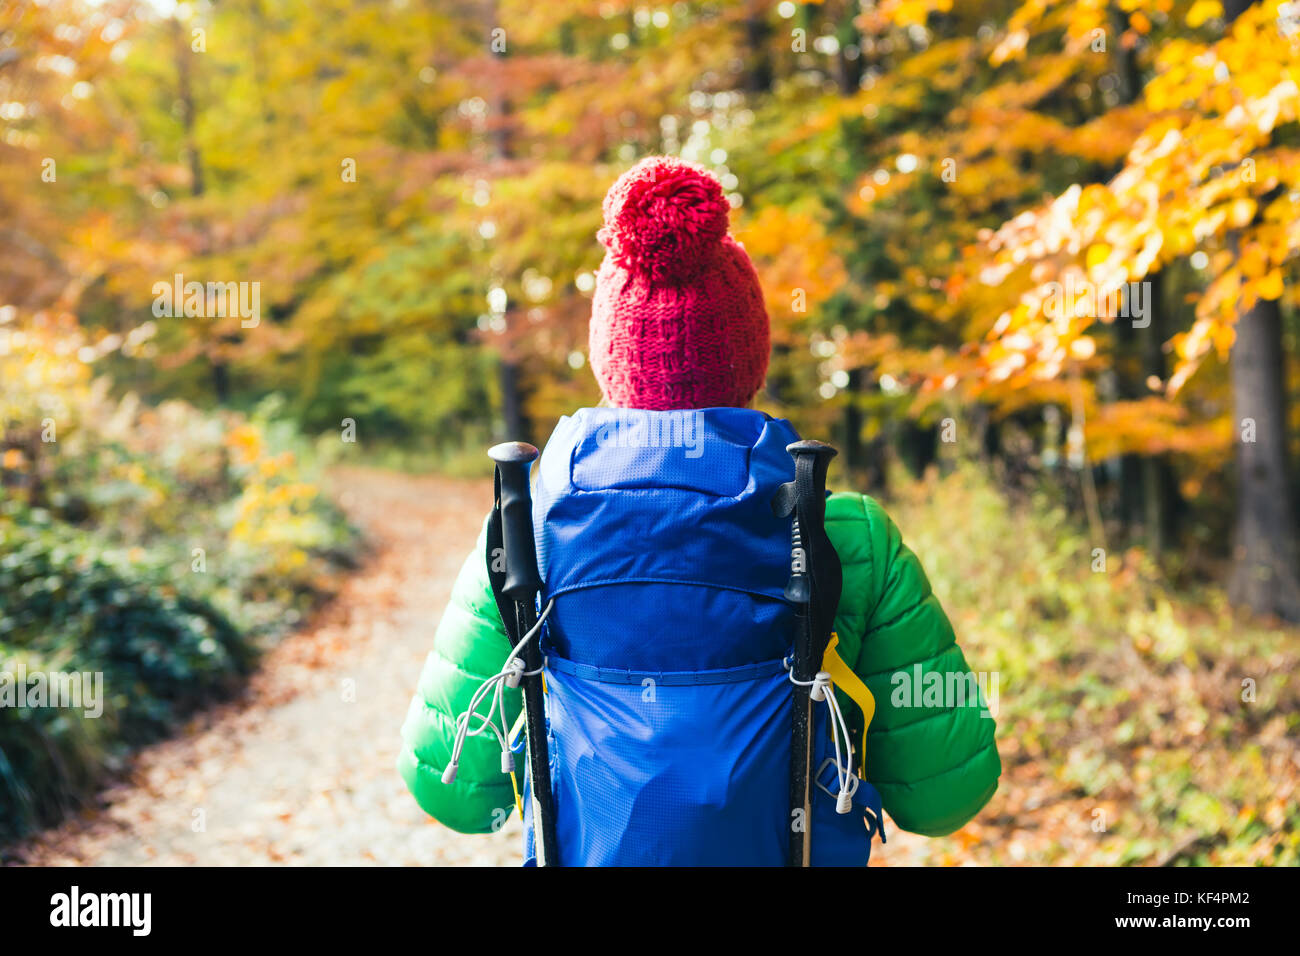 Mujer con mochila de senderismo buscando inspiración otoño golden Woods. Viajes Fitness y un estilo de Imagen De Stock